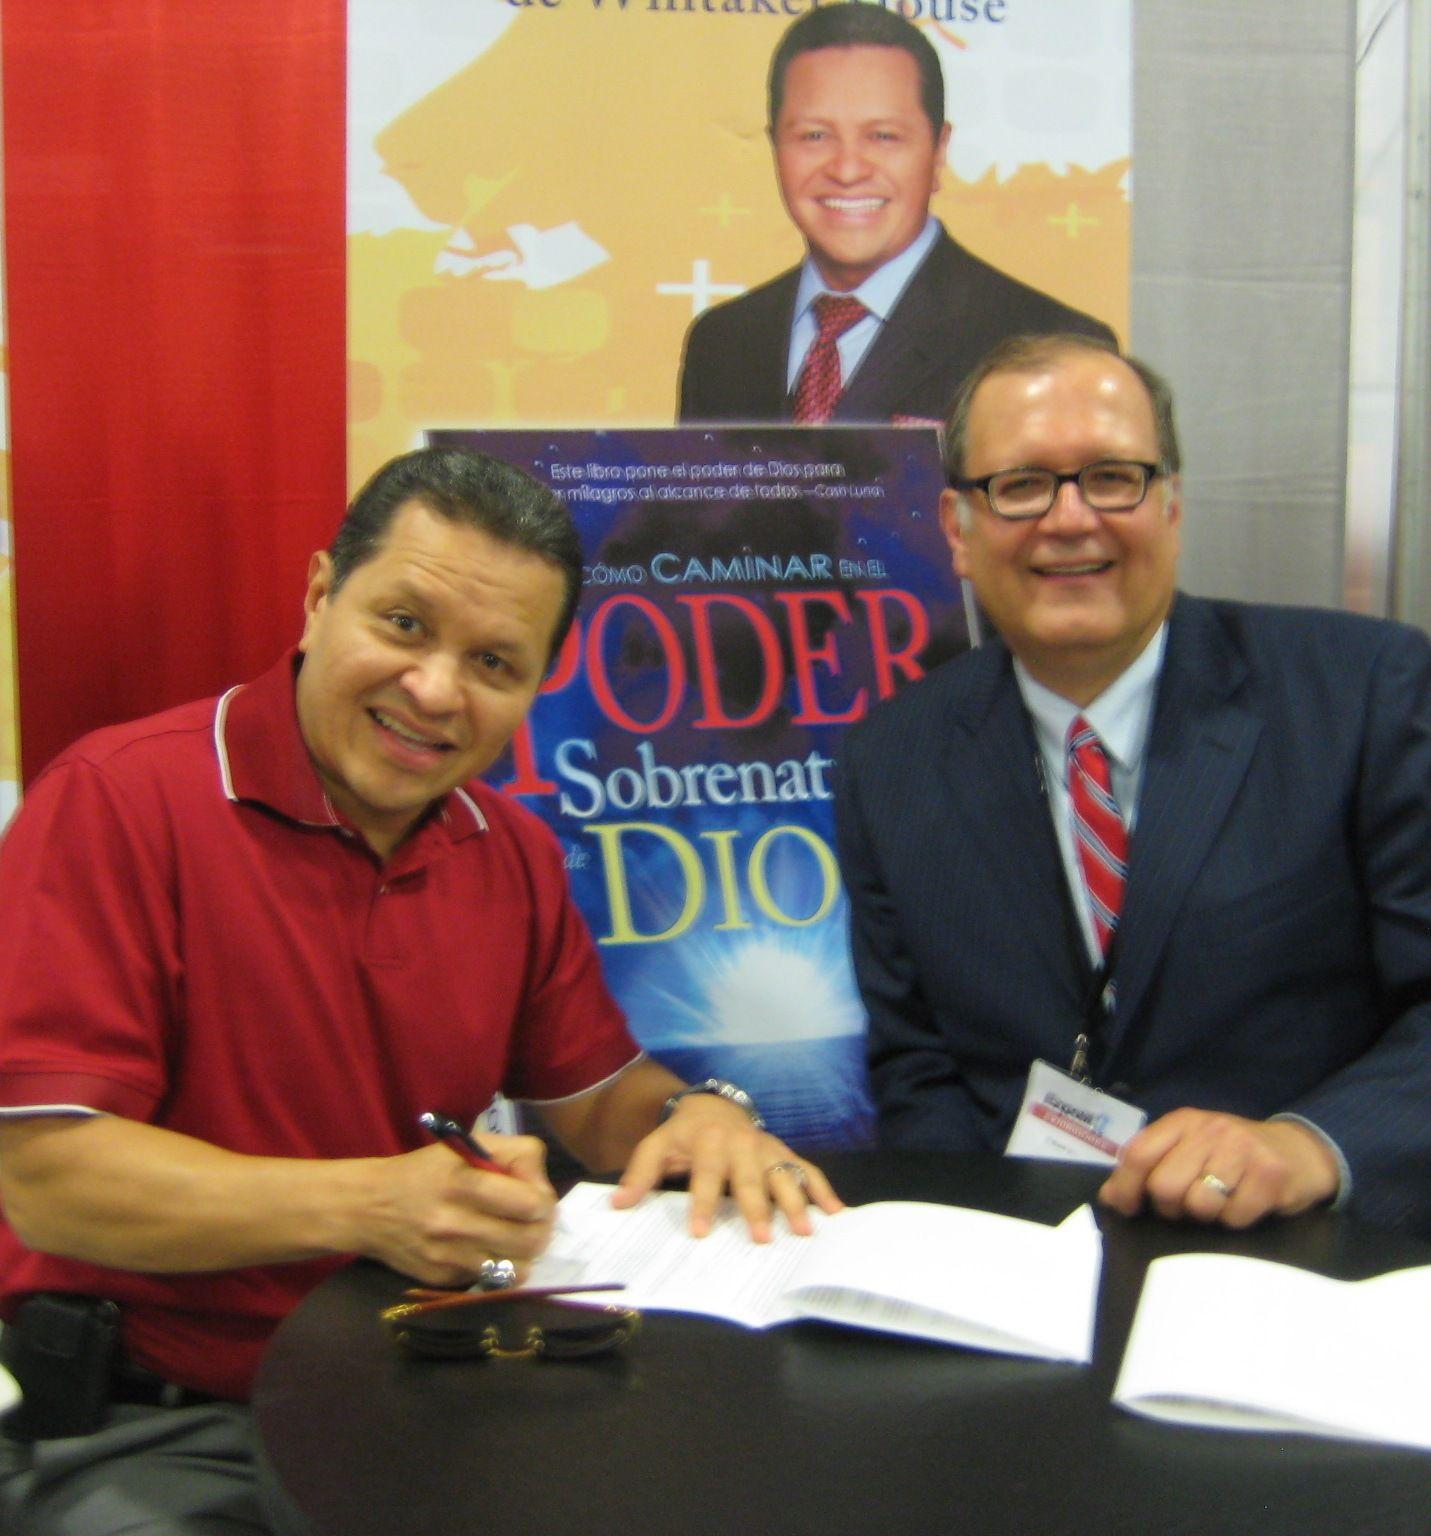 Apostle Guillermo Maldonado And Whitaker House President Bob Whitaker, Jr  At Expolit In Miami